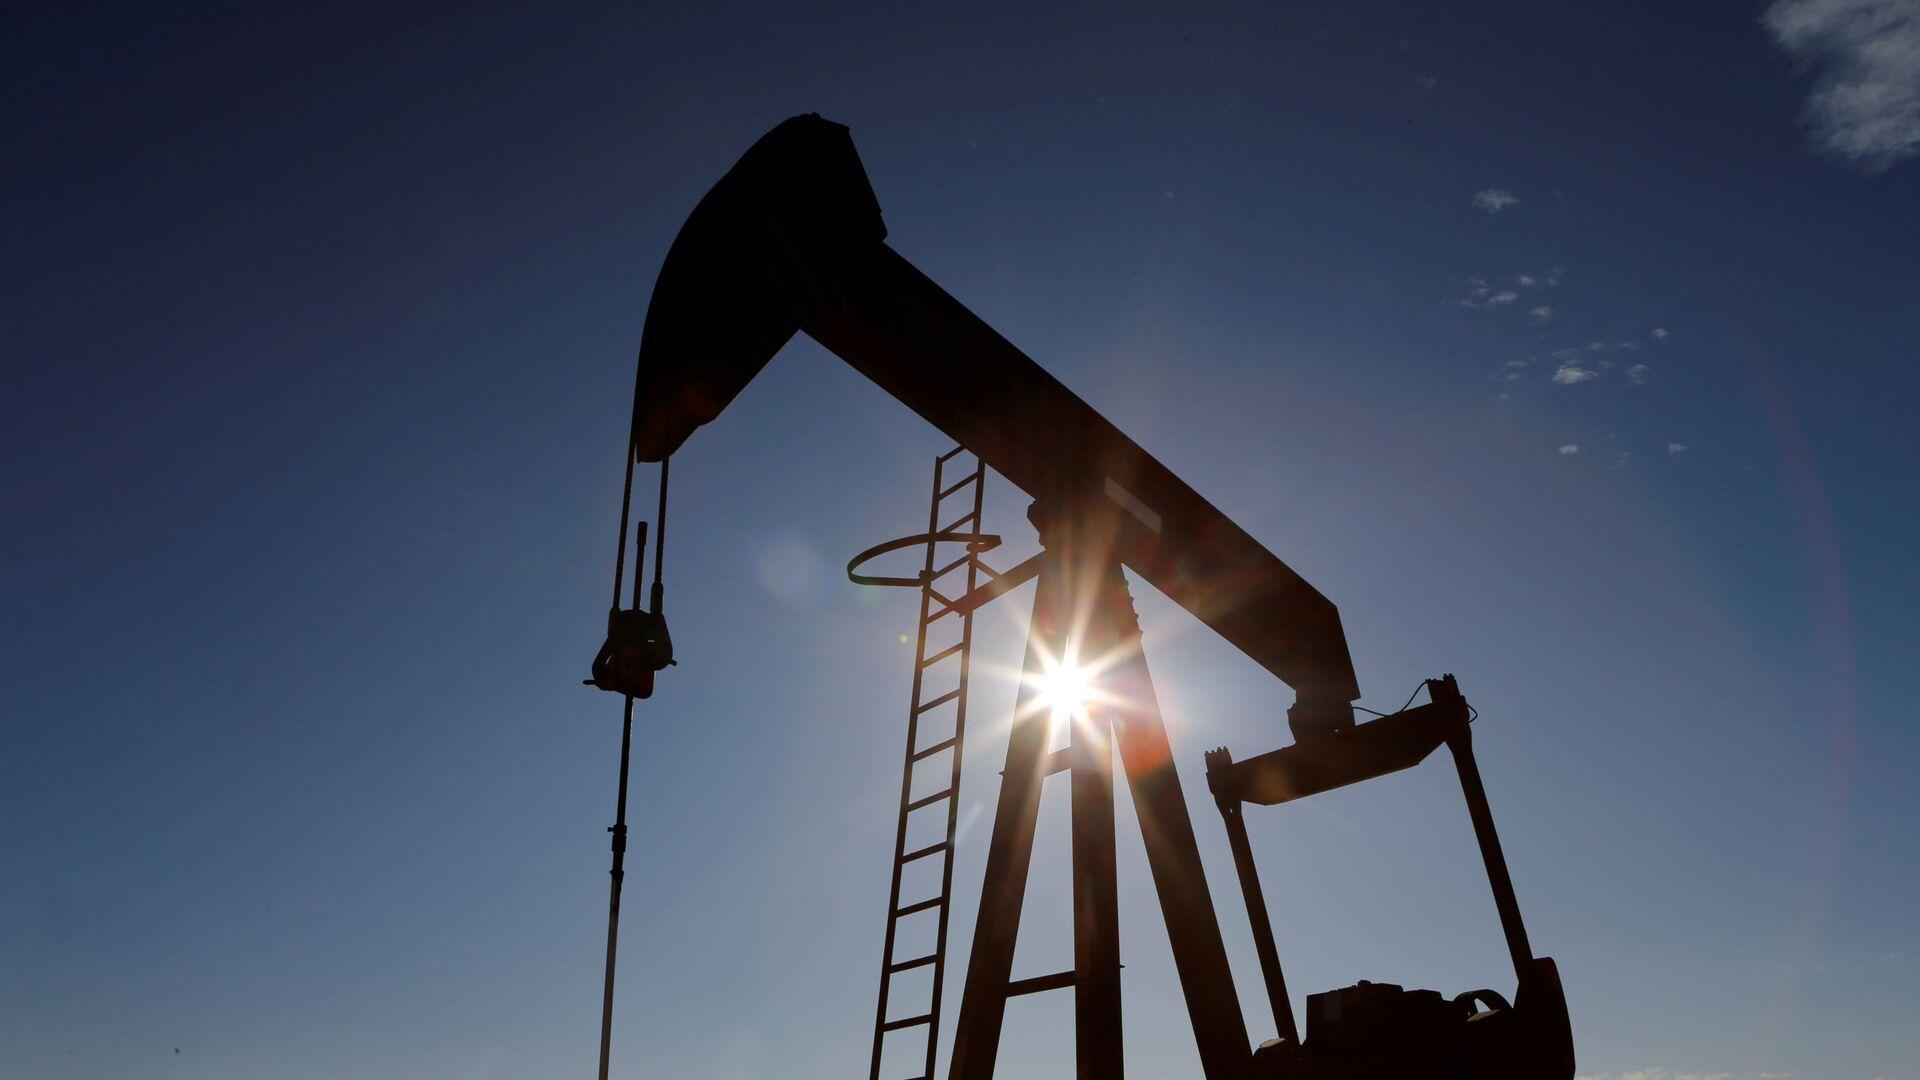 Těžba ropy v Texasu, USA - Sputnik Česká republika, 1920, 29.05.2021